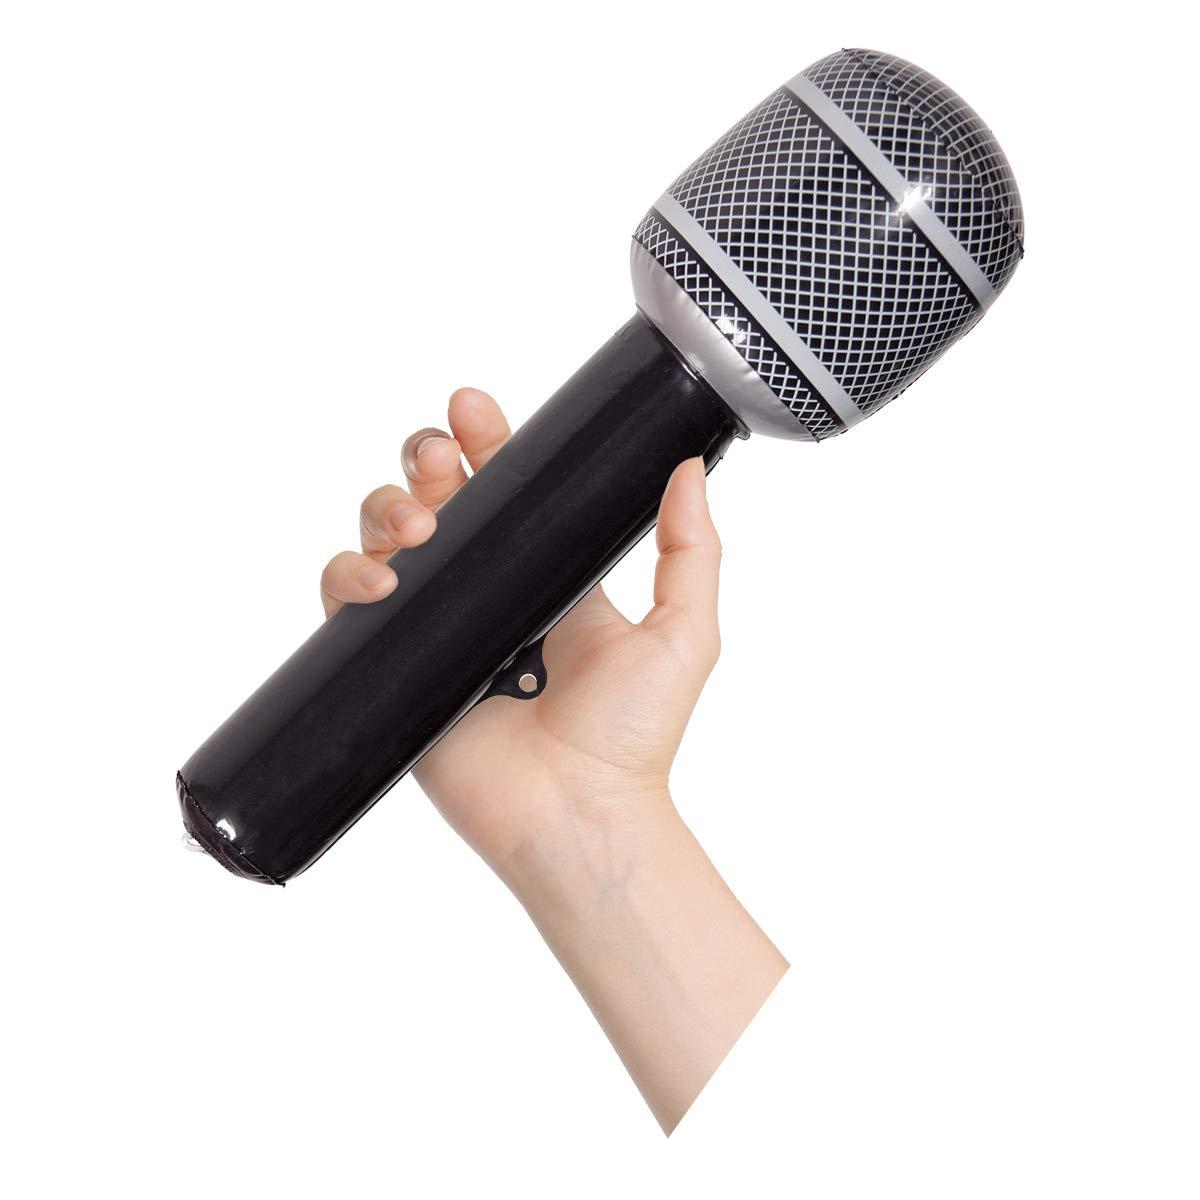 CREATIVE Partido inflable Micrófono Negro: Amazon.es: Juguetes y ...